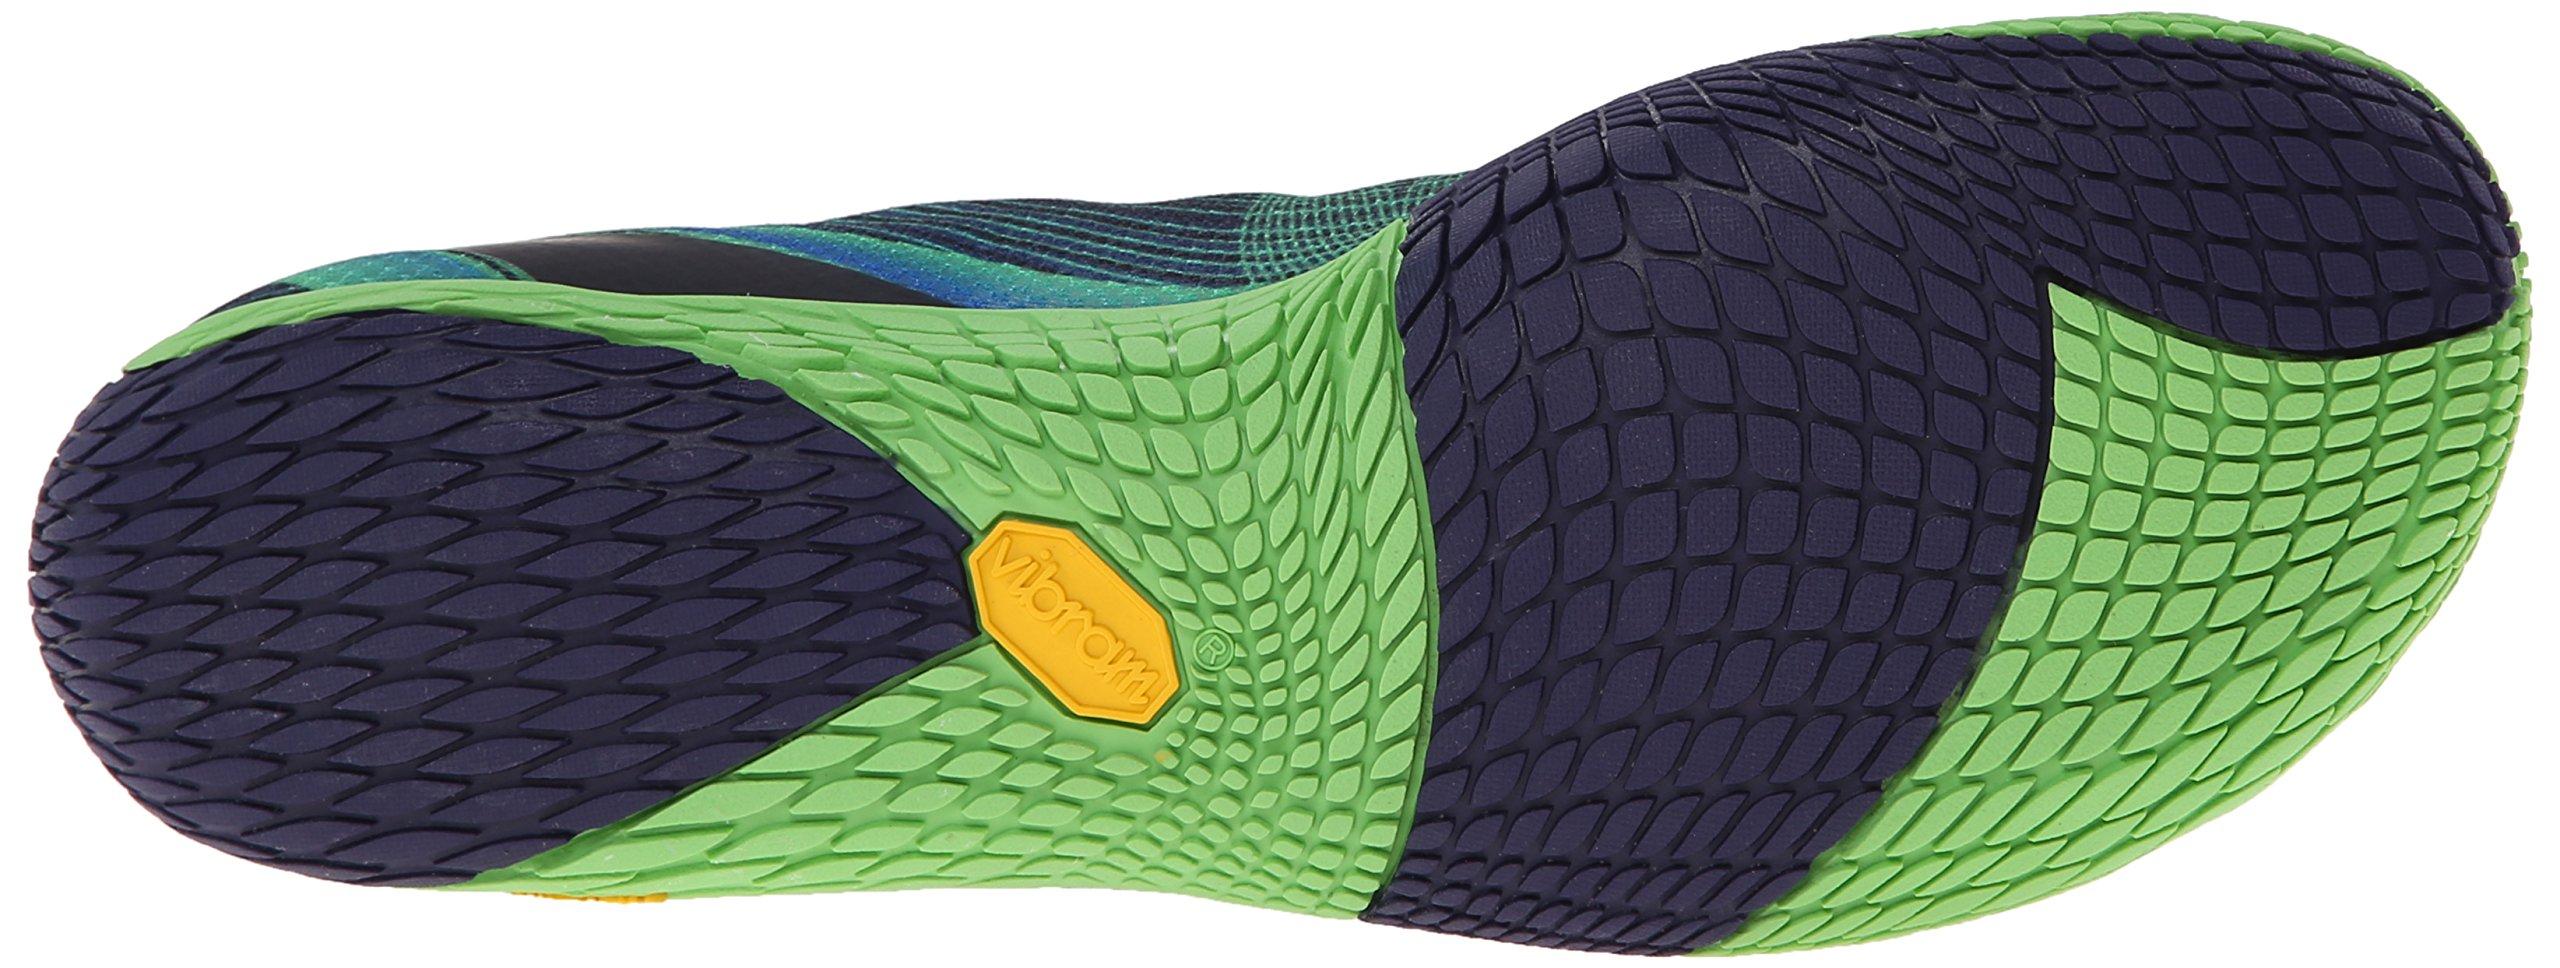 Merrell Men's Vapor Glove 2 Trail Running Shoe, Racer Blue/Bright Green, 9.5 M US by Merrell (Image #3)